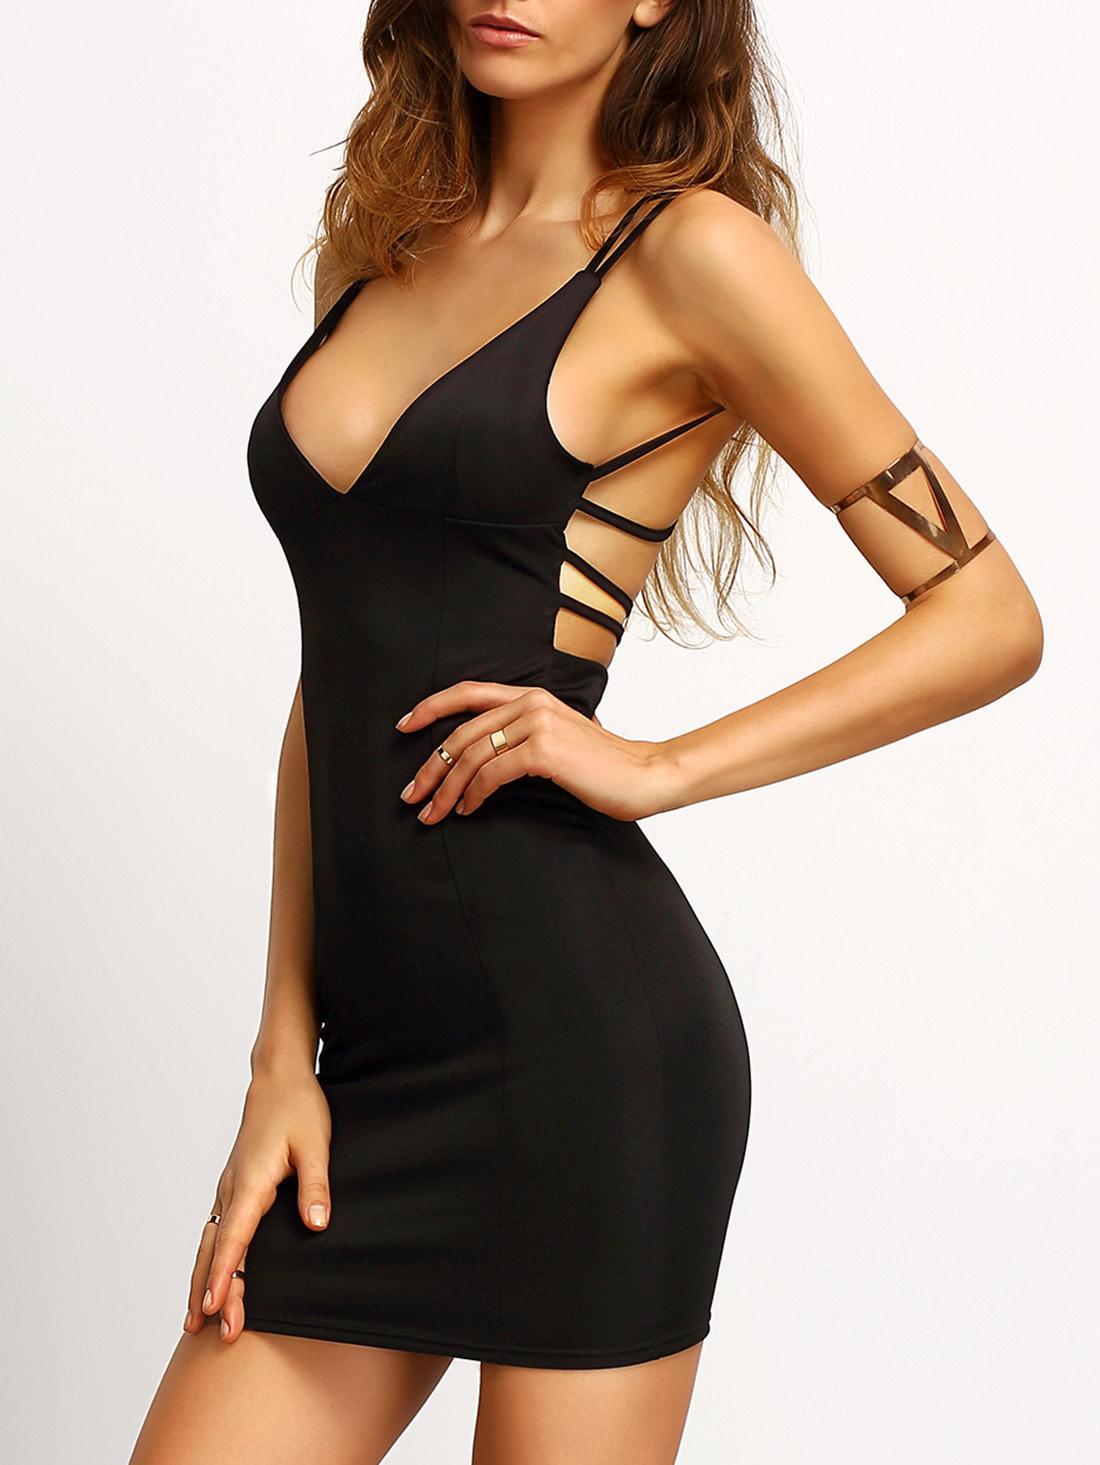 Купить Чёрное облегающее платье со спиной крест на крест, Mary, SheIn